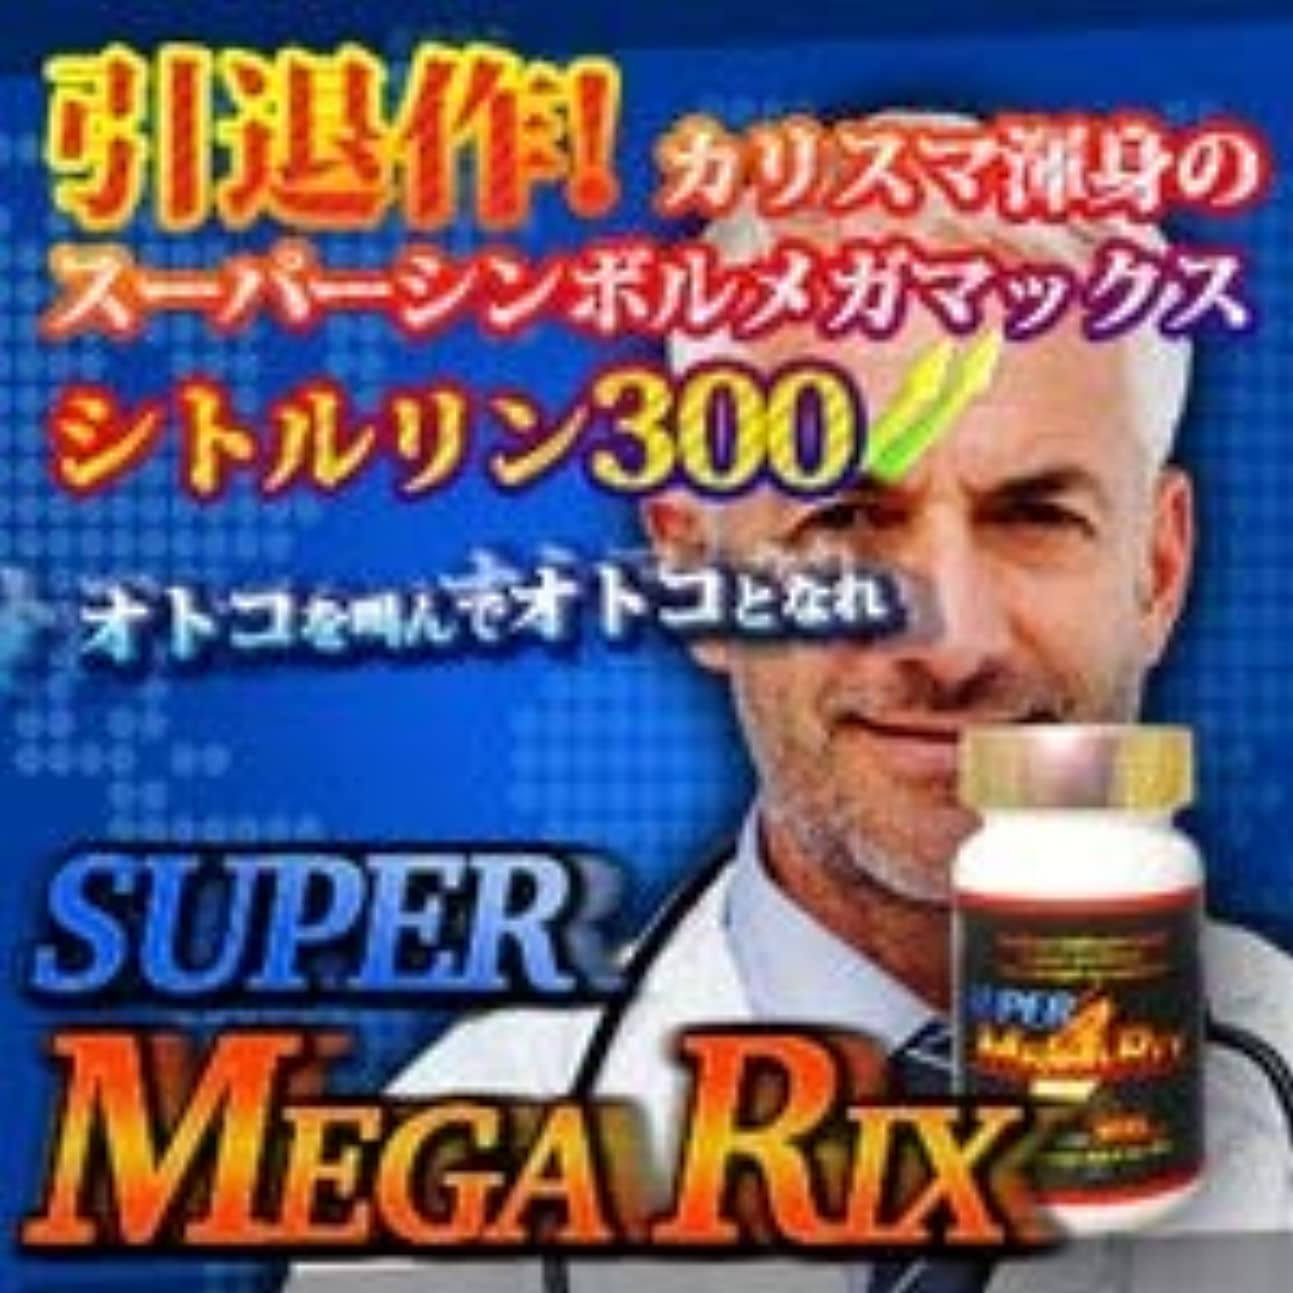 ウェブ非常に良さサイオ Super Megarix(スーパーメガリクス)120錠 特別価格120錠×1個